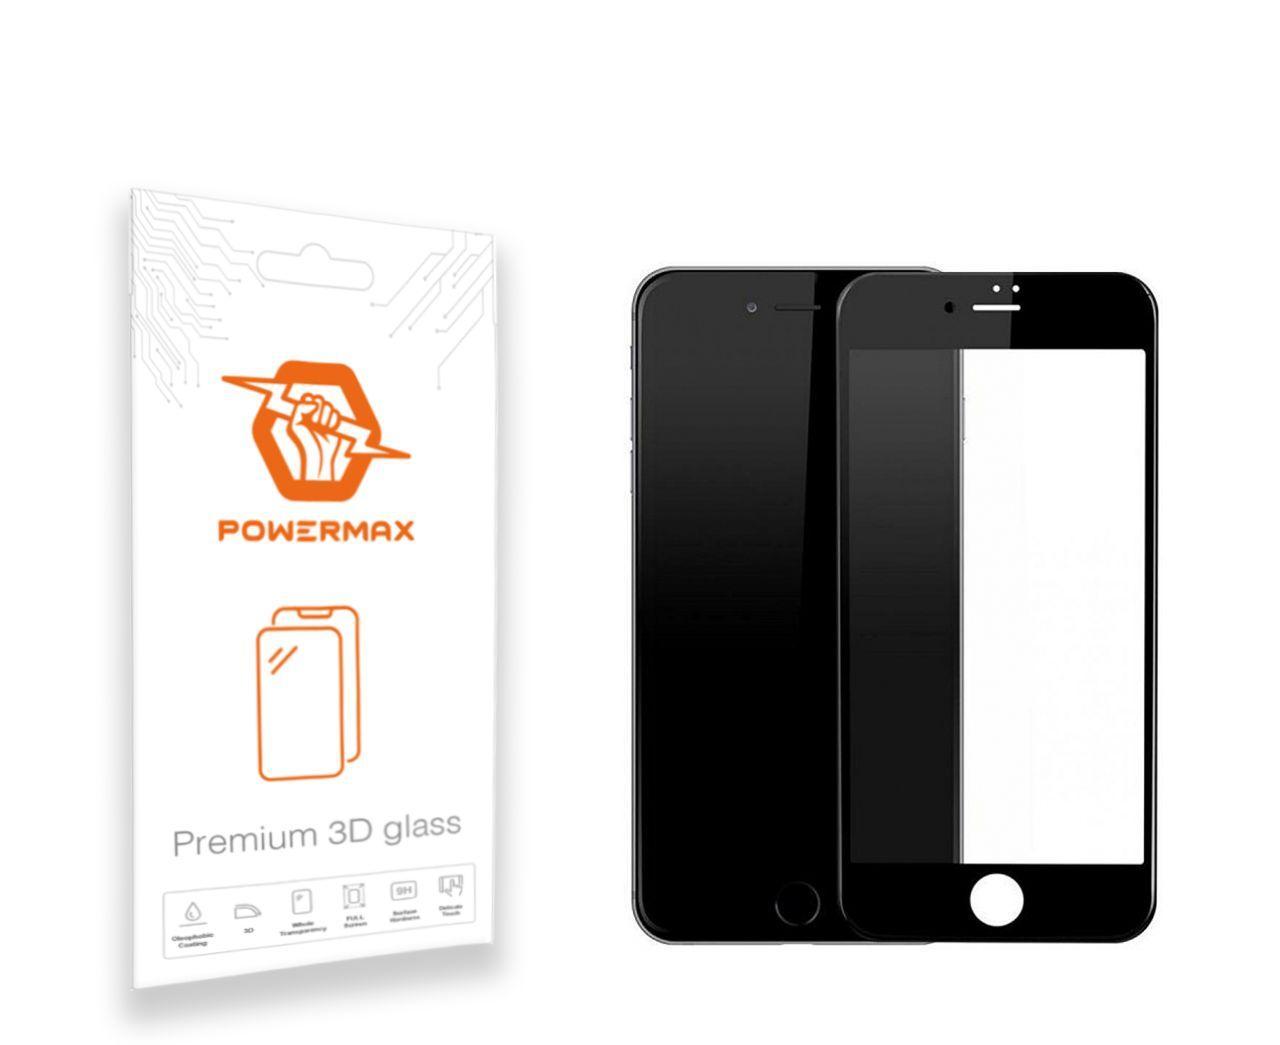 Захисне скло Powermax 3D Premium Apple iPhone 6 Plus, iPhone 6S Plus Black (PWRMX3DIPH6PB)